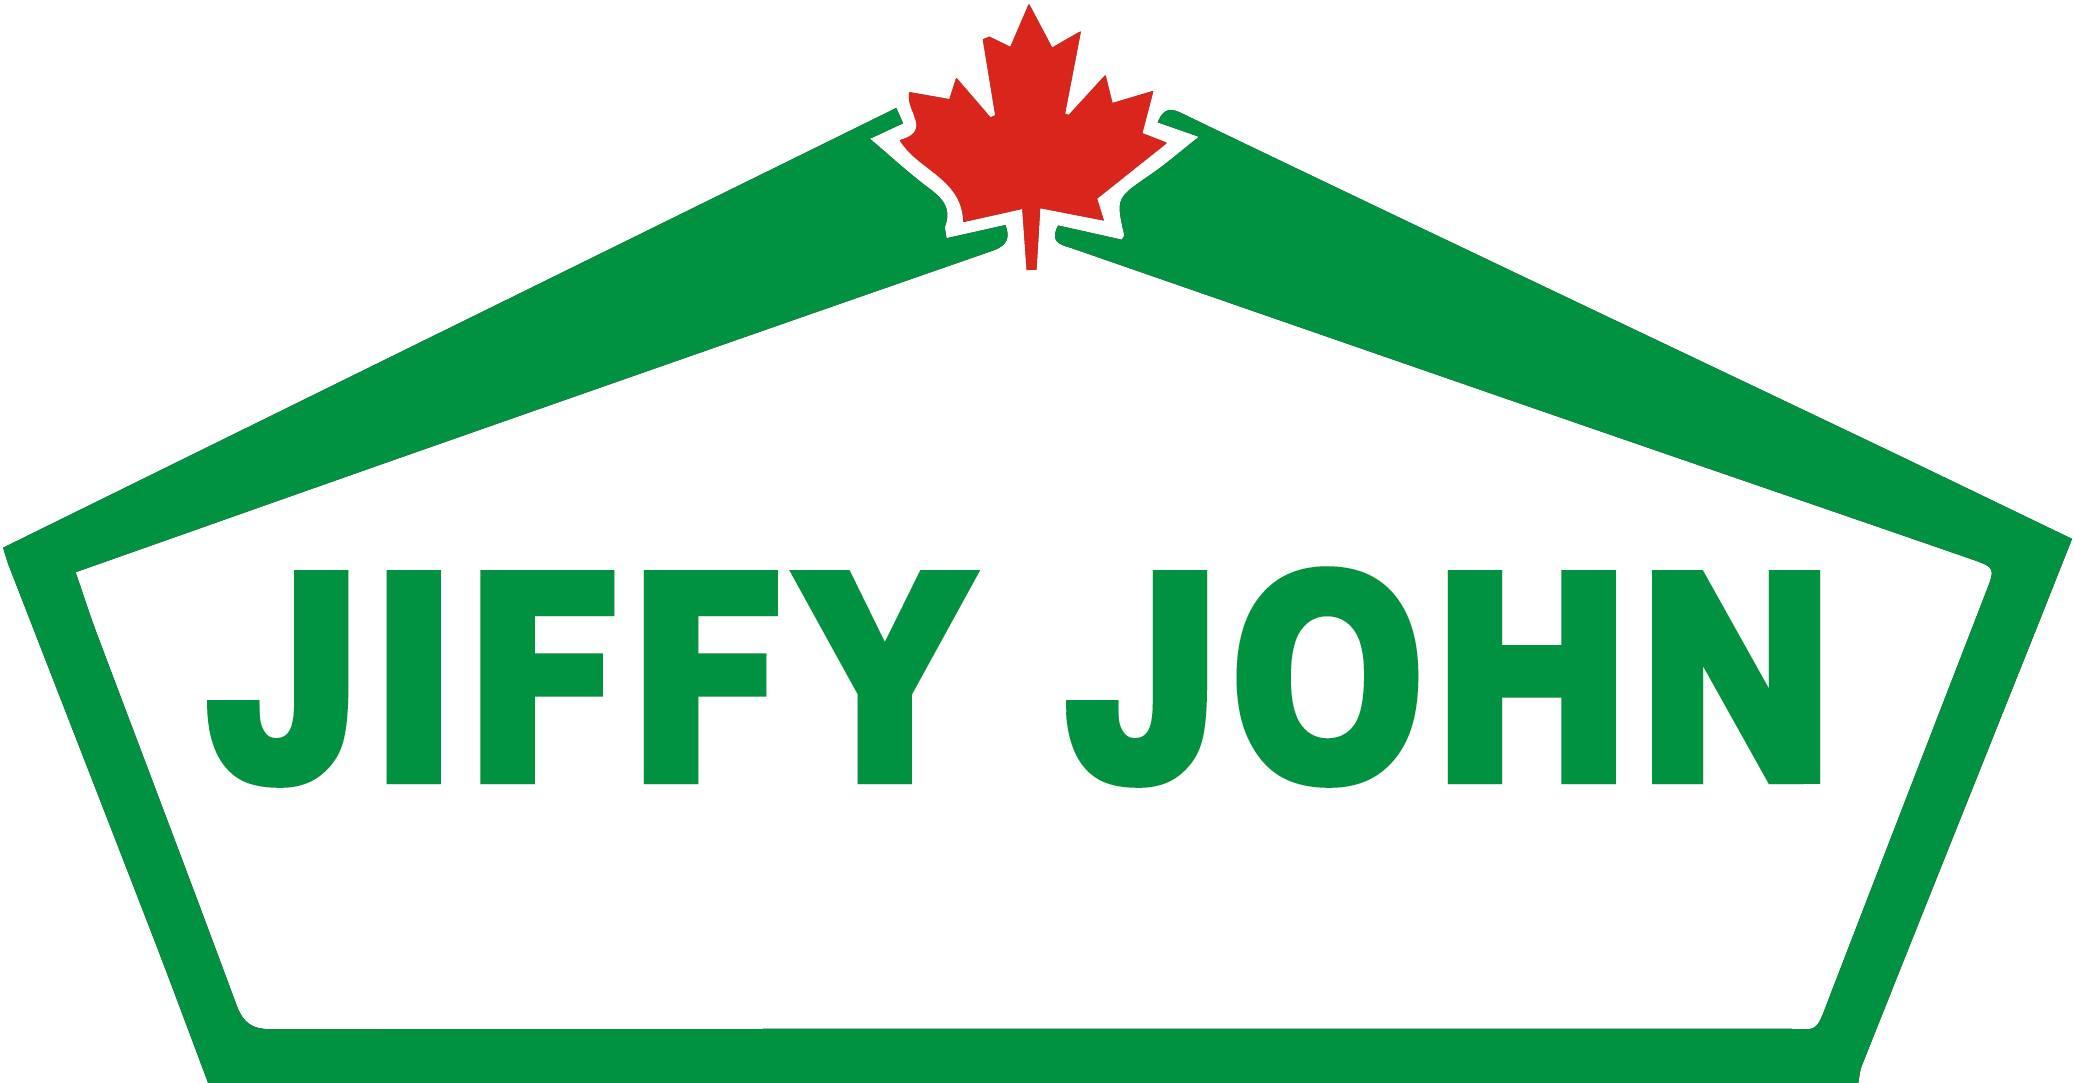 Jiffy John